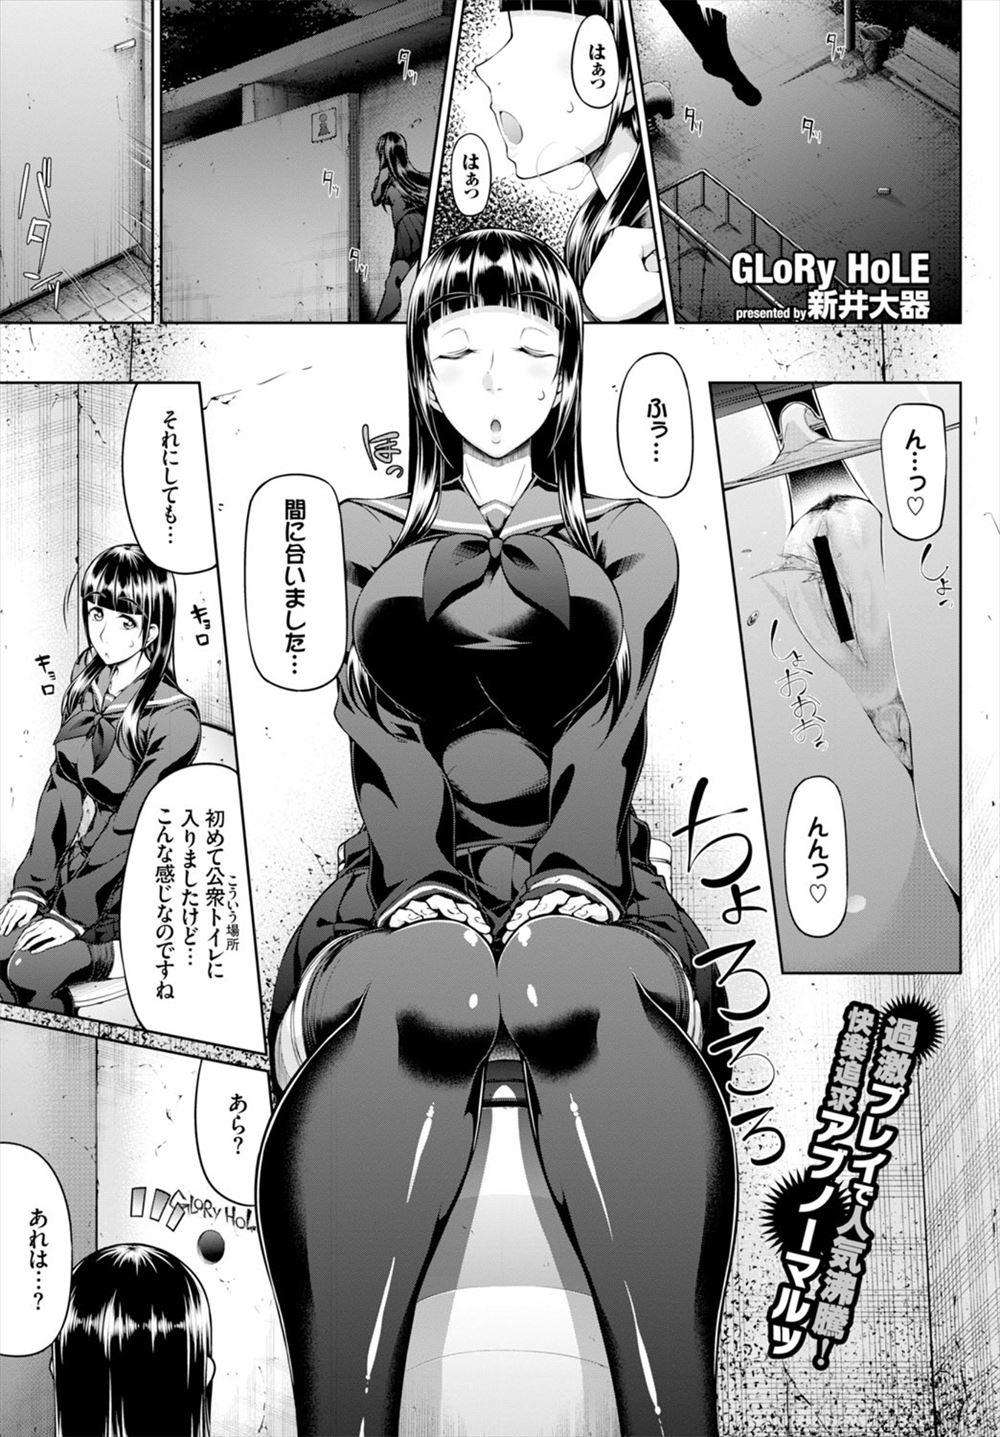 [新井大器] GLoRy HoLE (1)